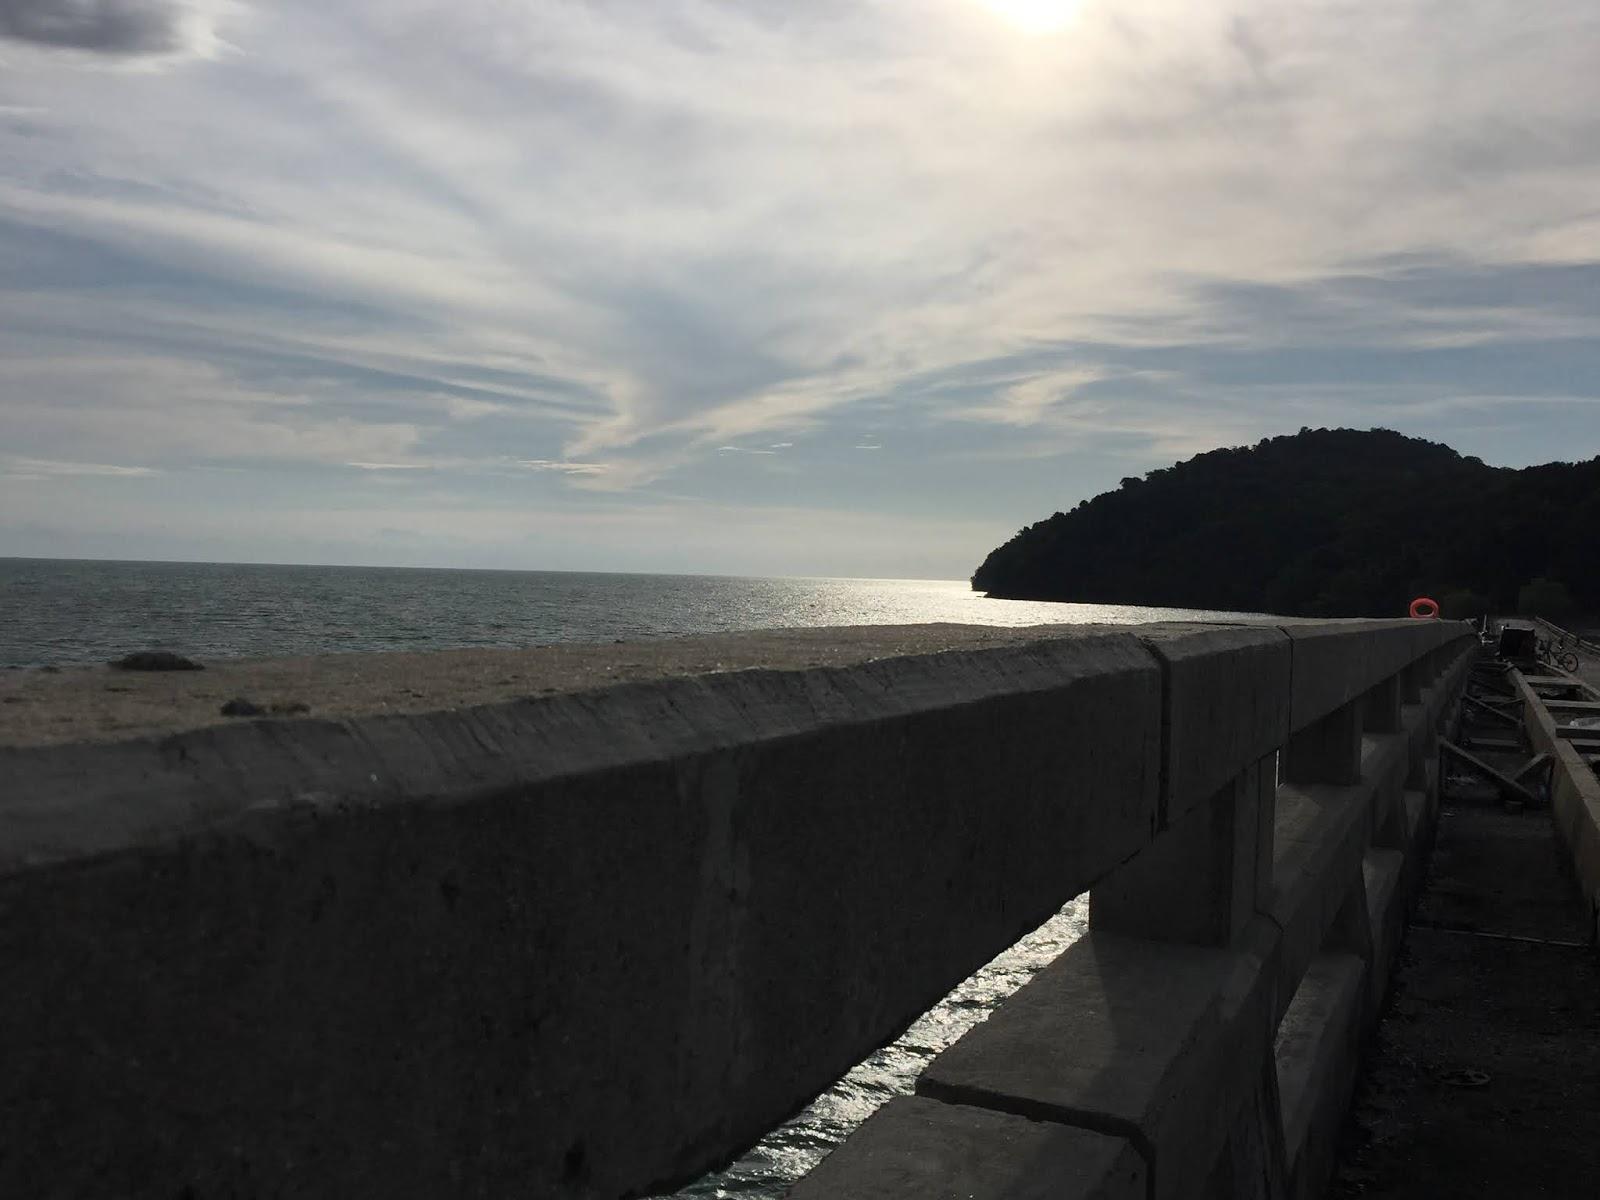 pulau bunting yan kedah, tempat memancing atas jambatan, tempat menarik luar bandar, tempat menarik di kedah